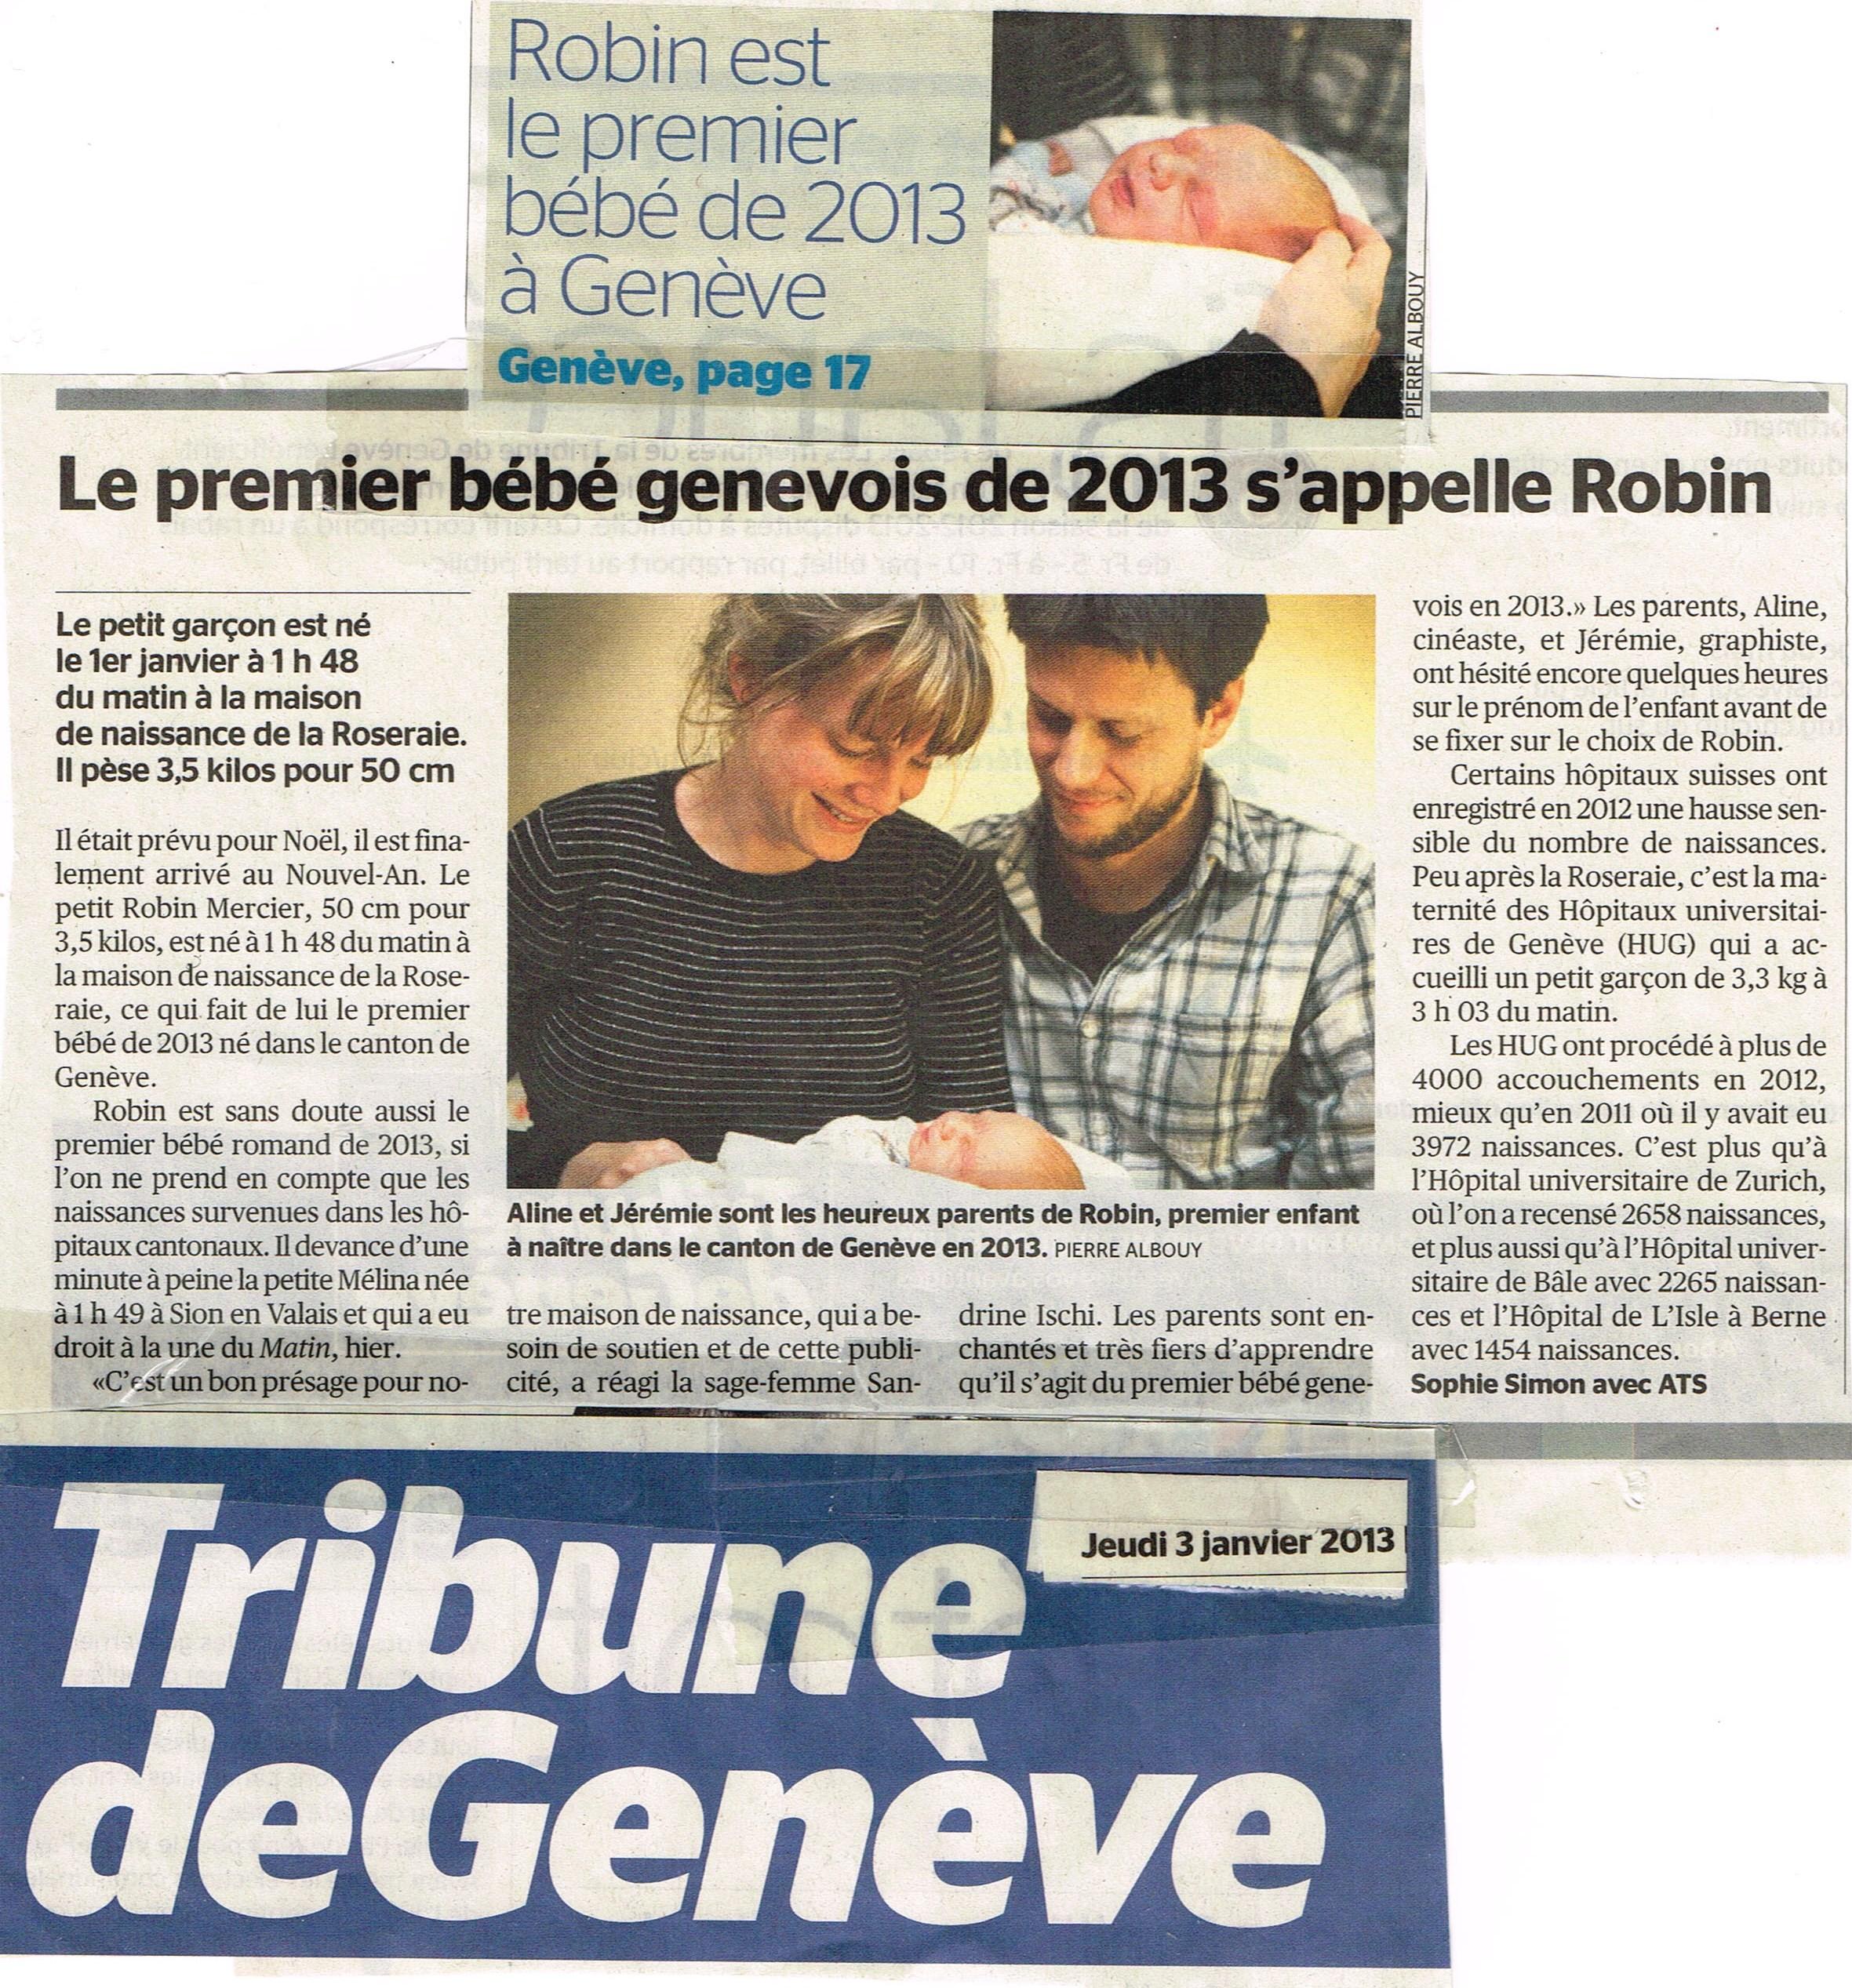 Robin maison de naissance la roseraie for Maison de naissance remiremont